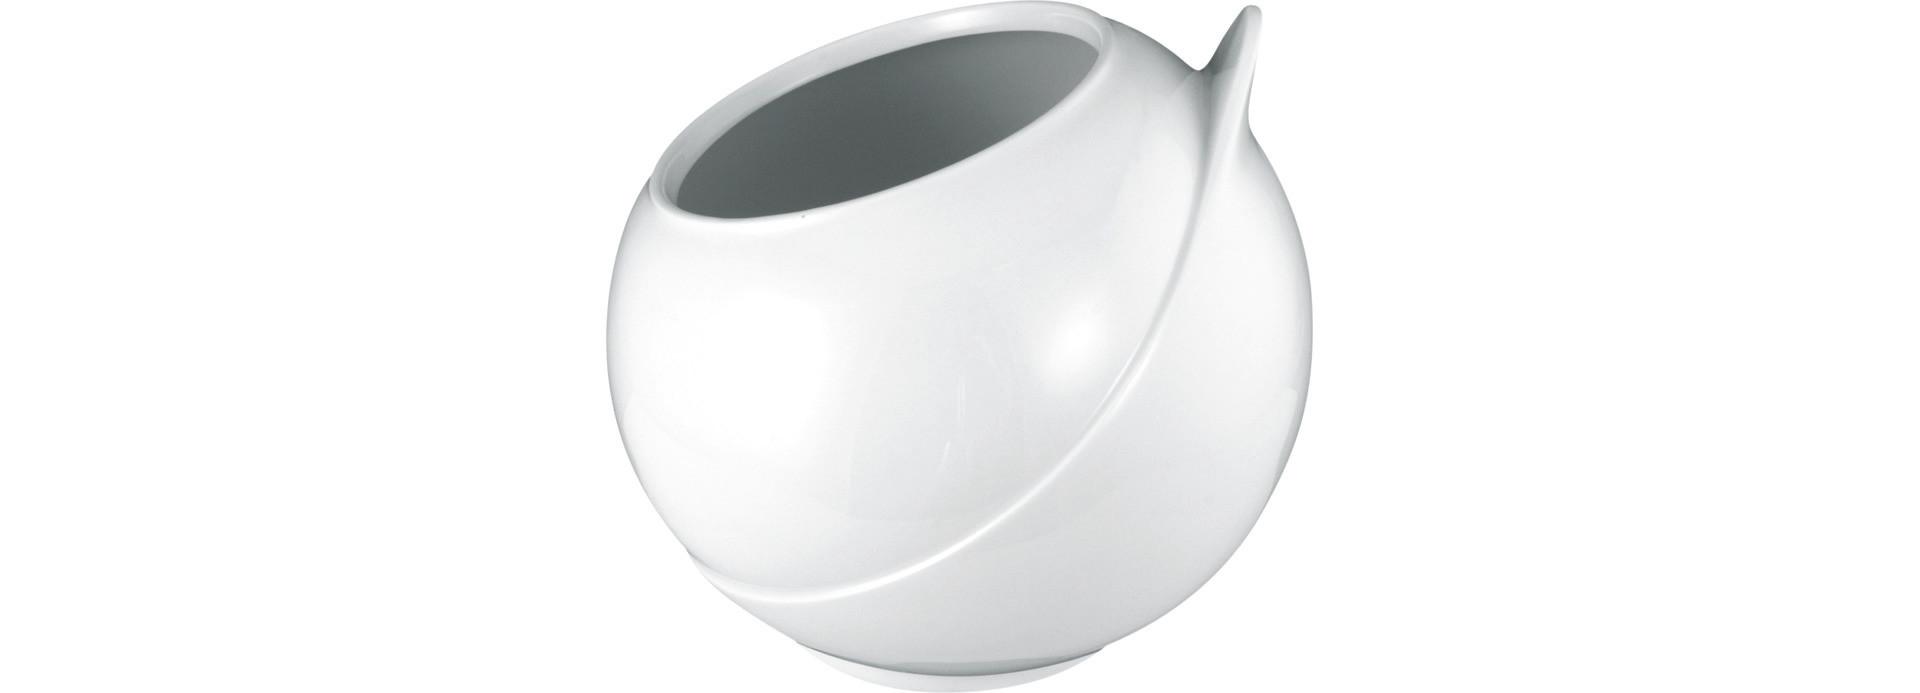 Buffet Gourmet, Bowl Unterteil ø 230 mm / 3,50 l